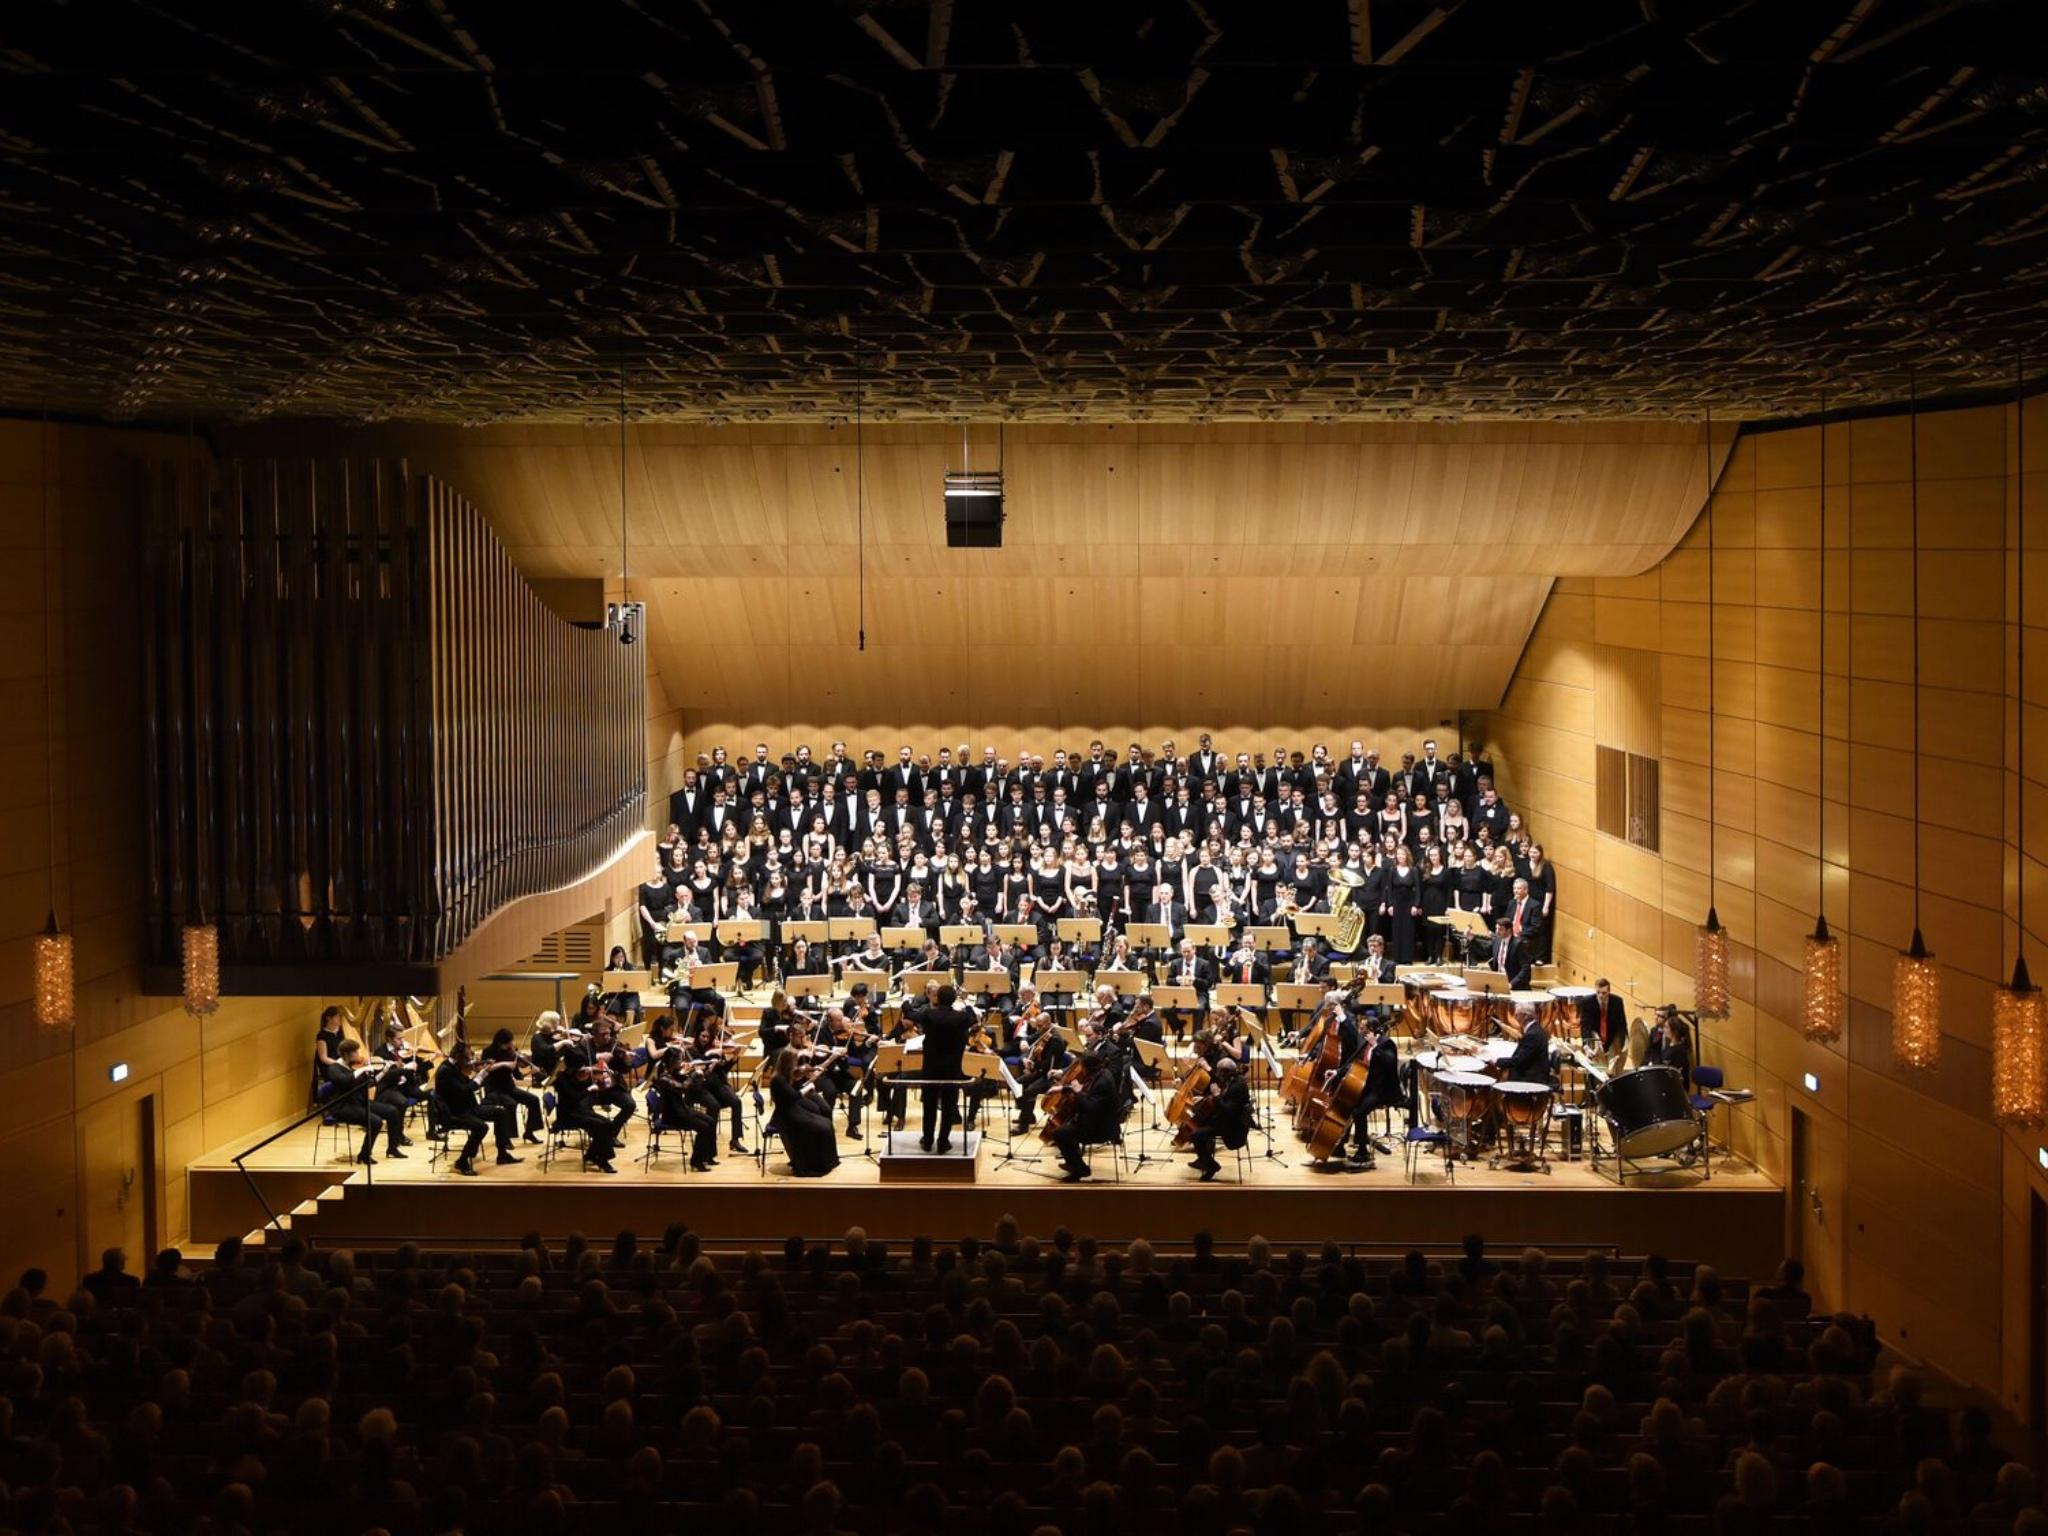 Detailverliebte Orchesterklänge und monumentaler Chorgesang macht die Auftritte des Monteverdichors zum unvergesslichen Erlebnis. Foto: Bernd Günther